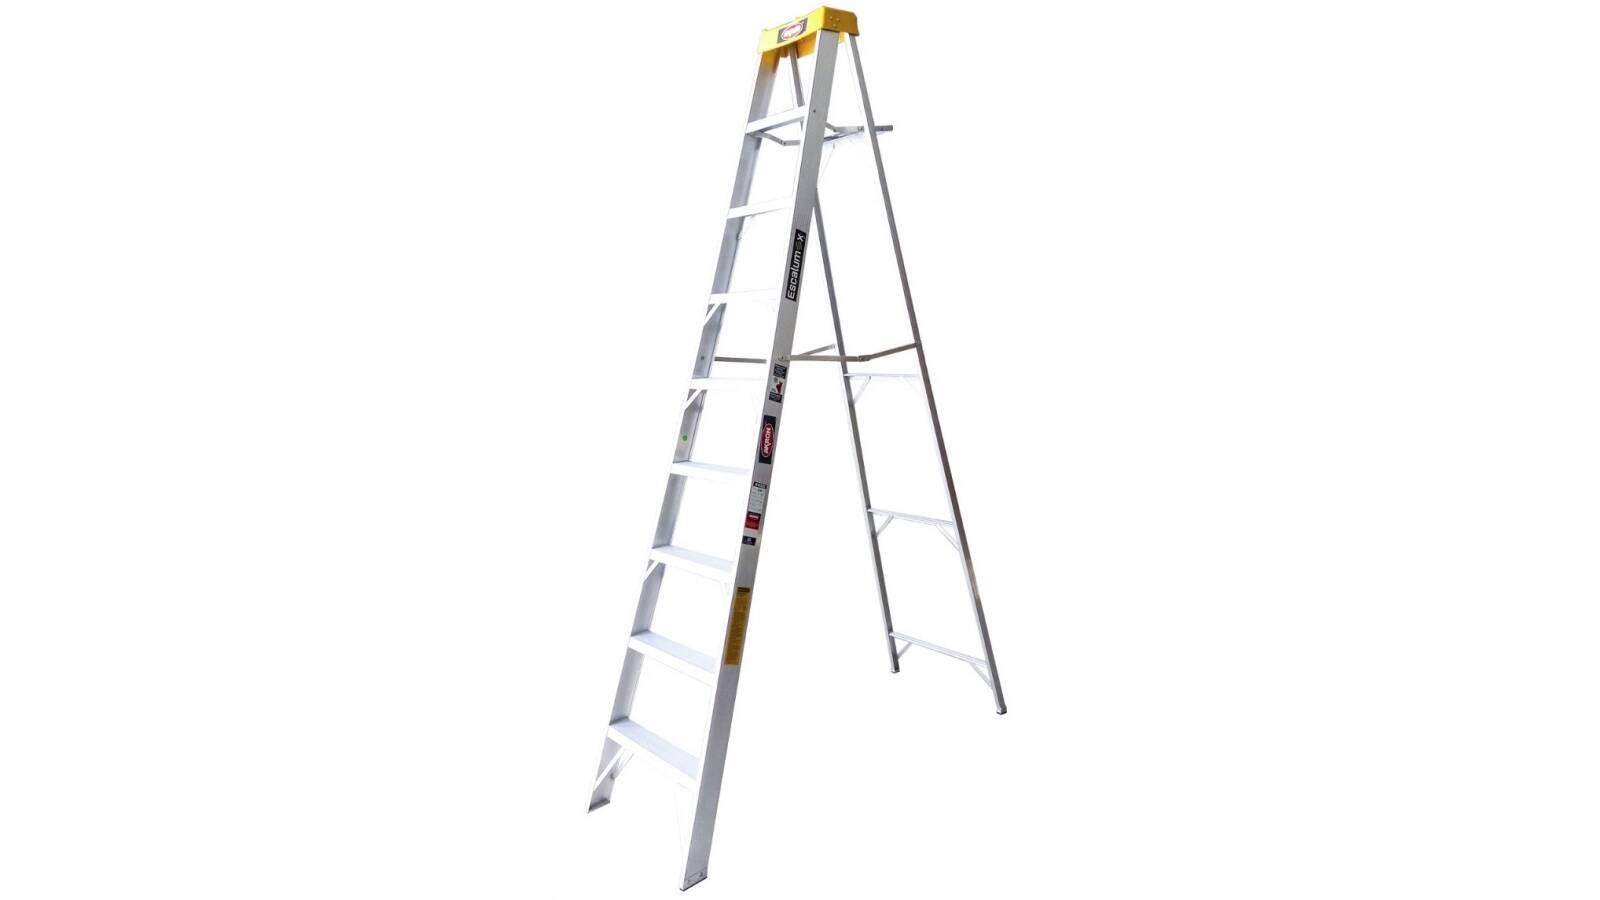 Escalera tijera de aluminio Escalumex 8 peldaños